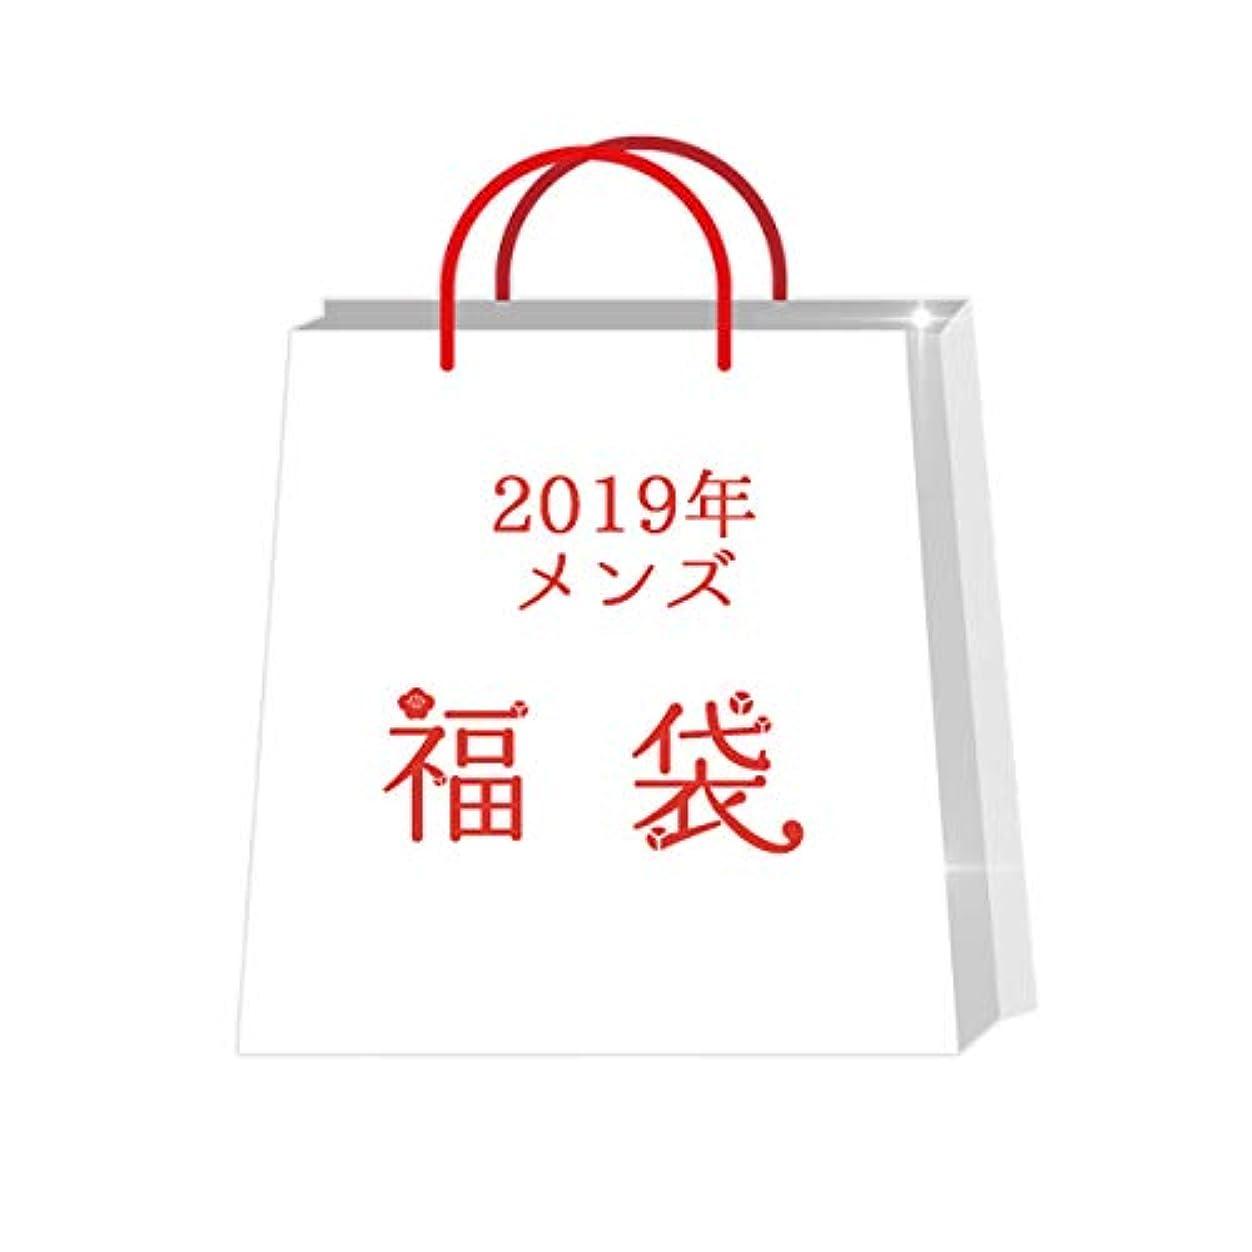 本物の優雅六分儀2019年福袋 ◆ 運だめし福袋! 1000円ぽっきり メンズ 福袋!